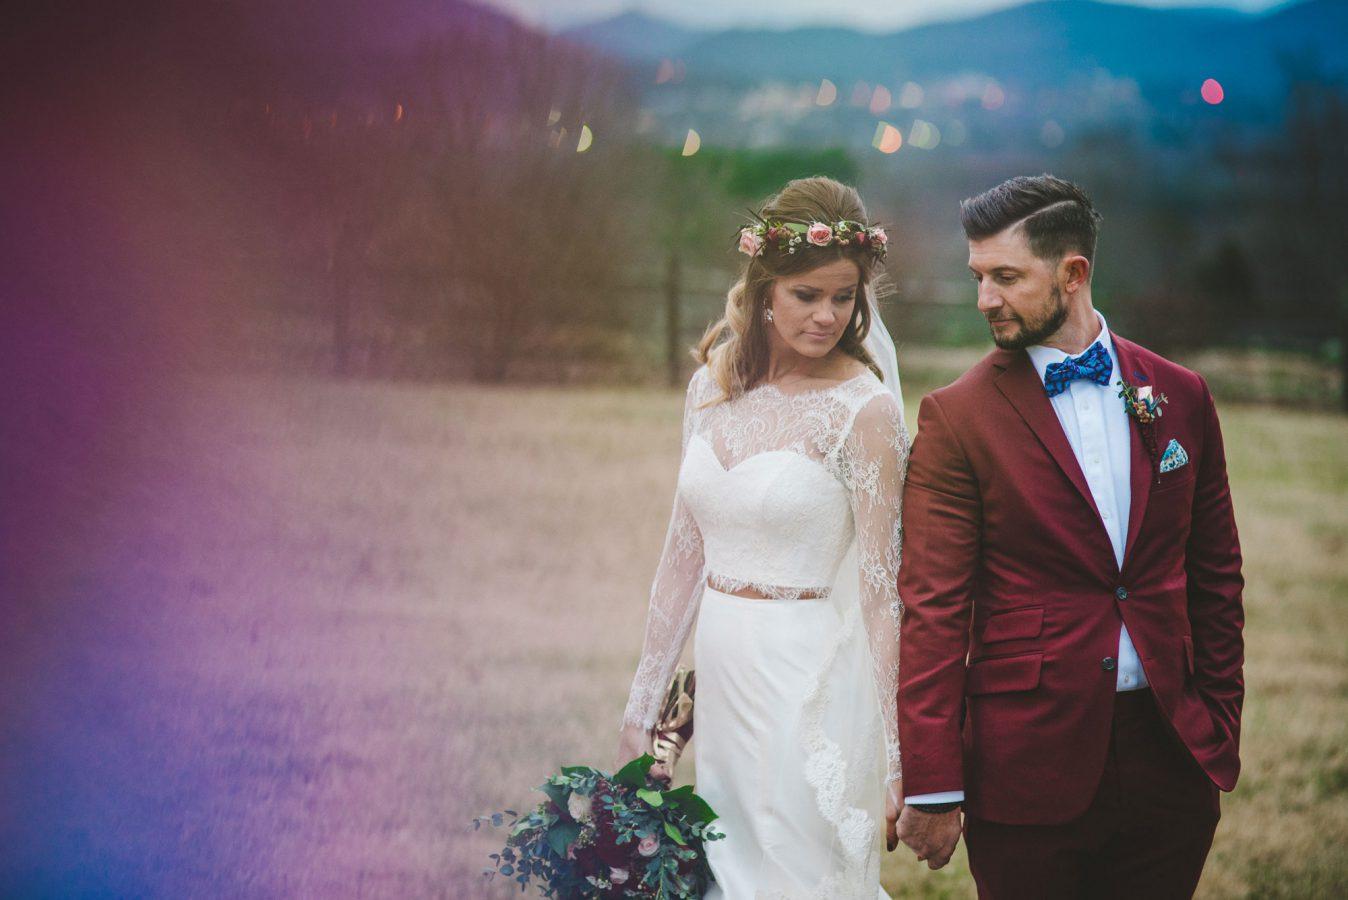 wedding-photography-2016-35